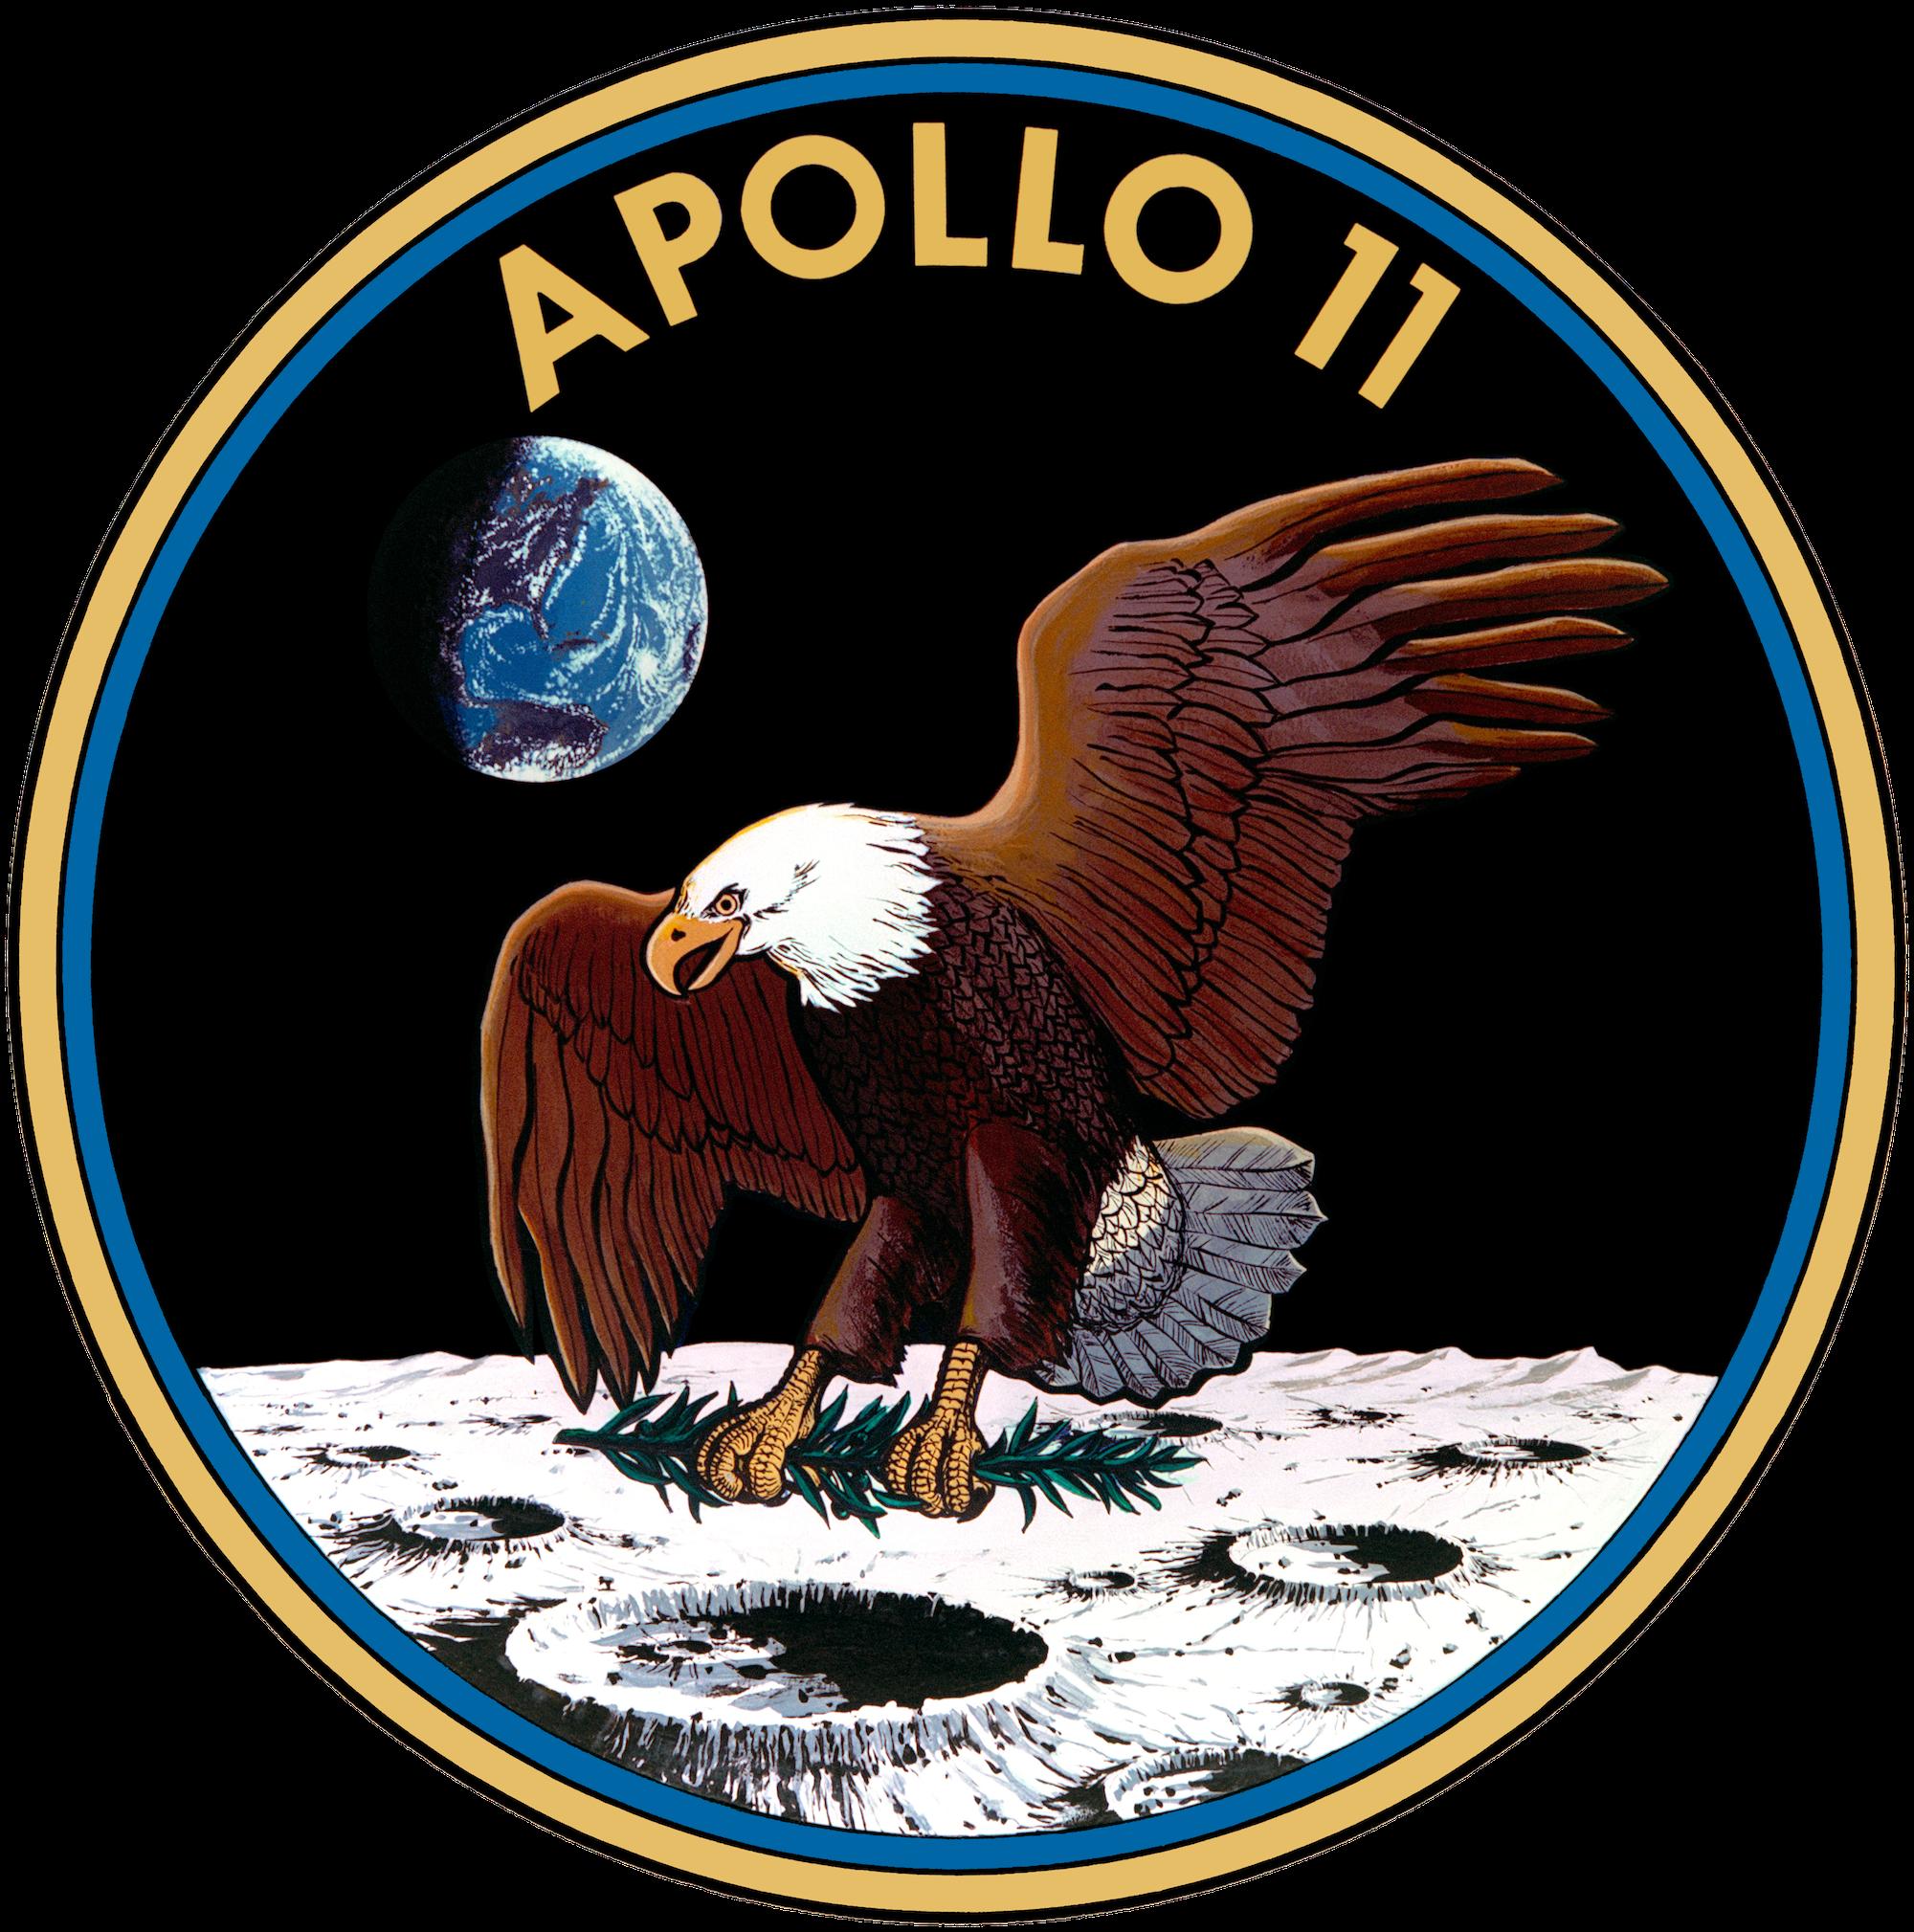 """Apollo 11 -lennon tunnus. Kuumoduuli kantoi nimeä Eagle (Kotka). Niinpä Kuuhun laskeuduttuaan astronautit ilmoittivat lennonjohtoon kuuluisan lauseensa: """"Kotka on laskeutunut"""". Kuva: Nasa."""